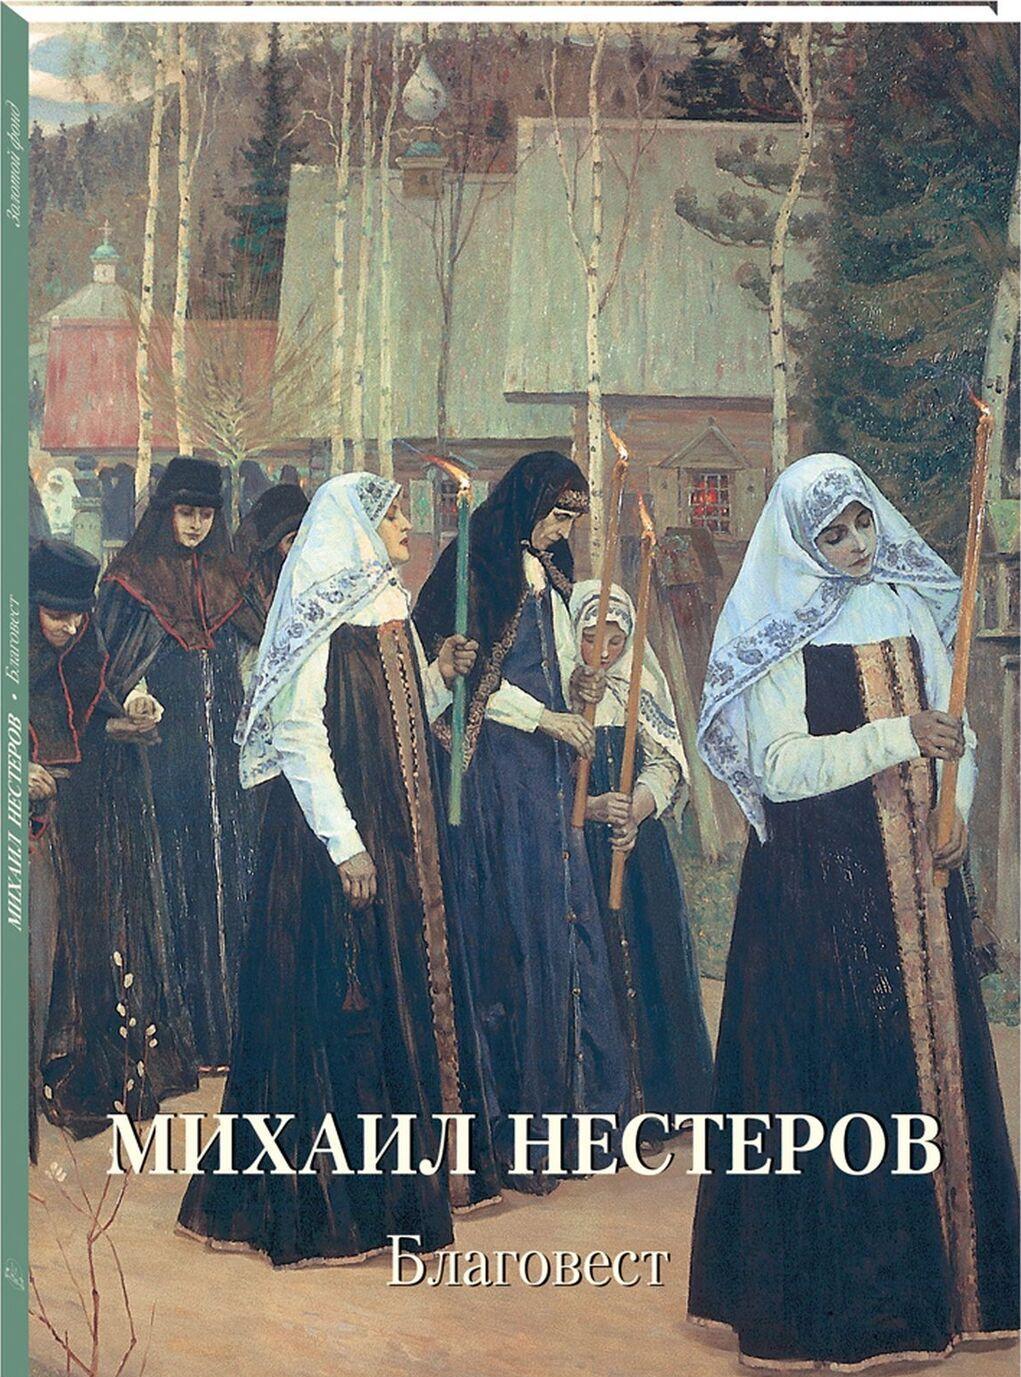 Mikhail Nesterov. Blagovest